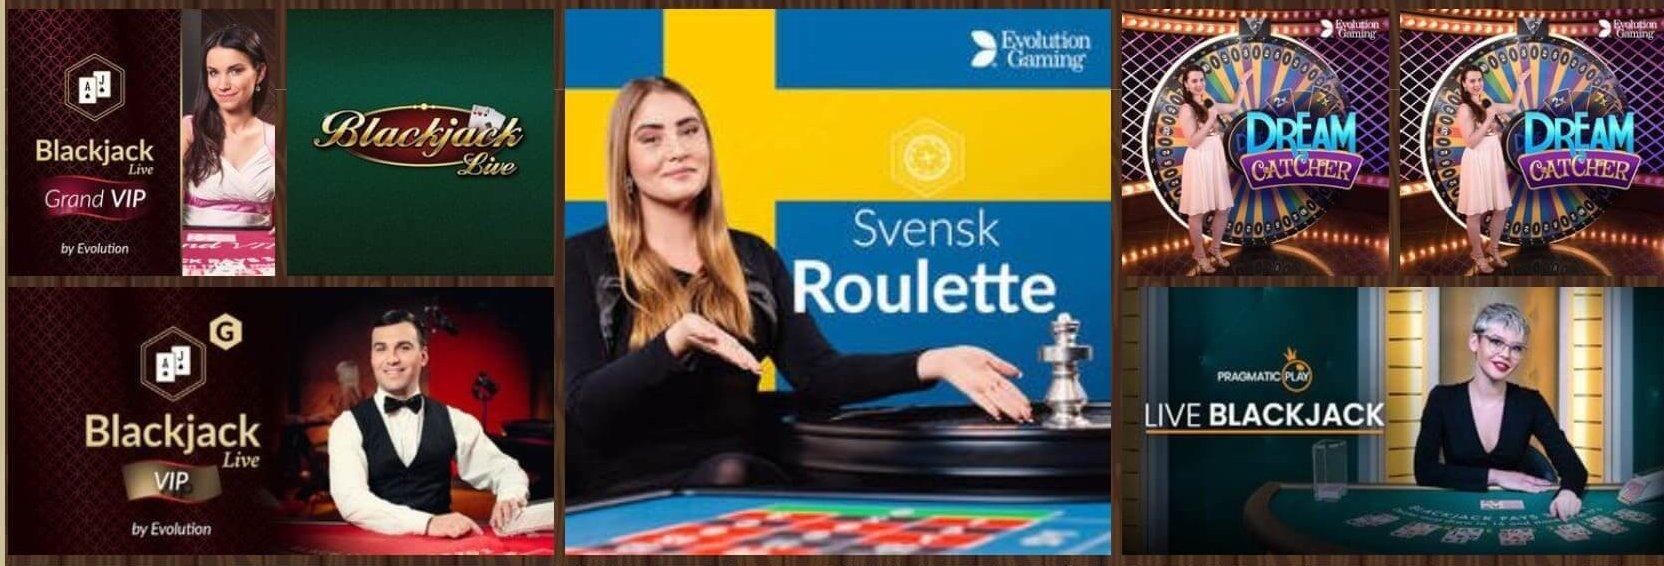 Cozino har ett välfyllt live casino där till och med svensk Roulette finns!